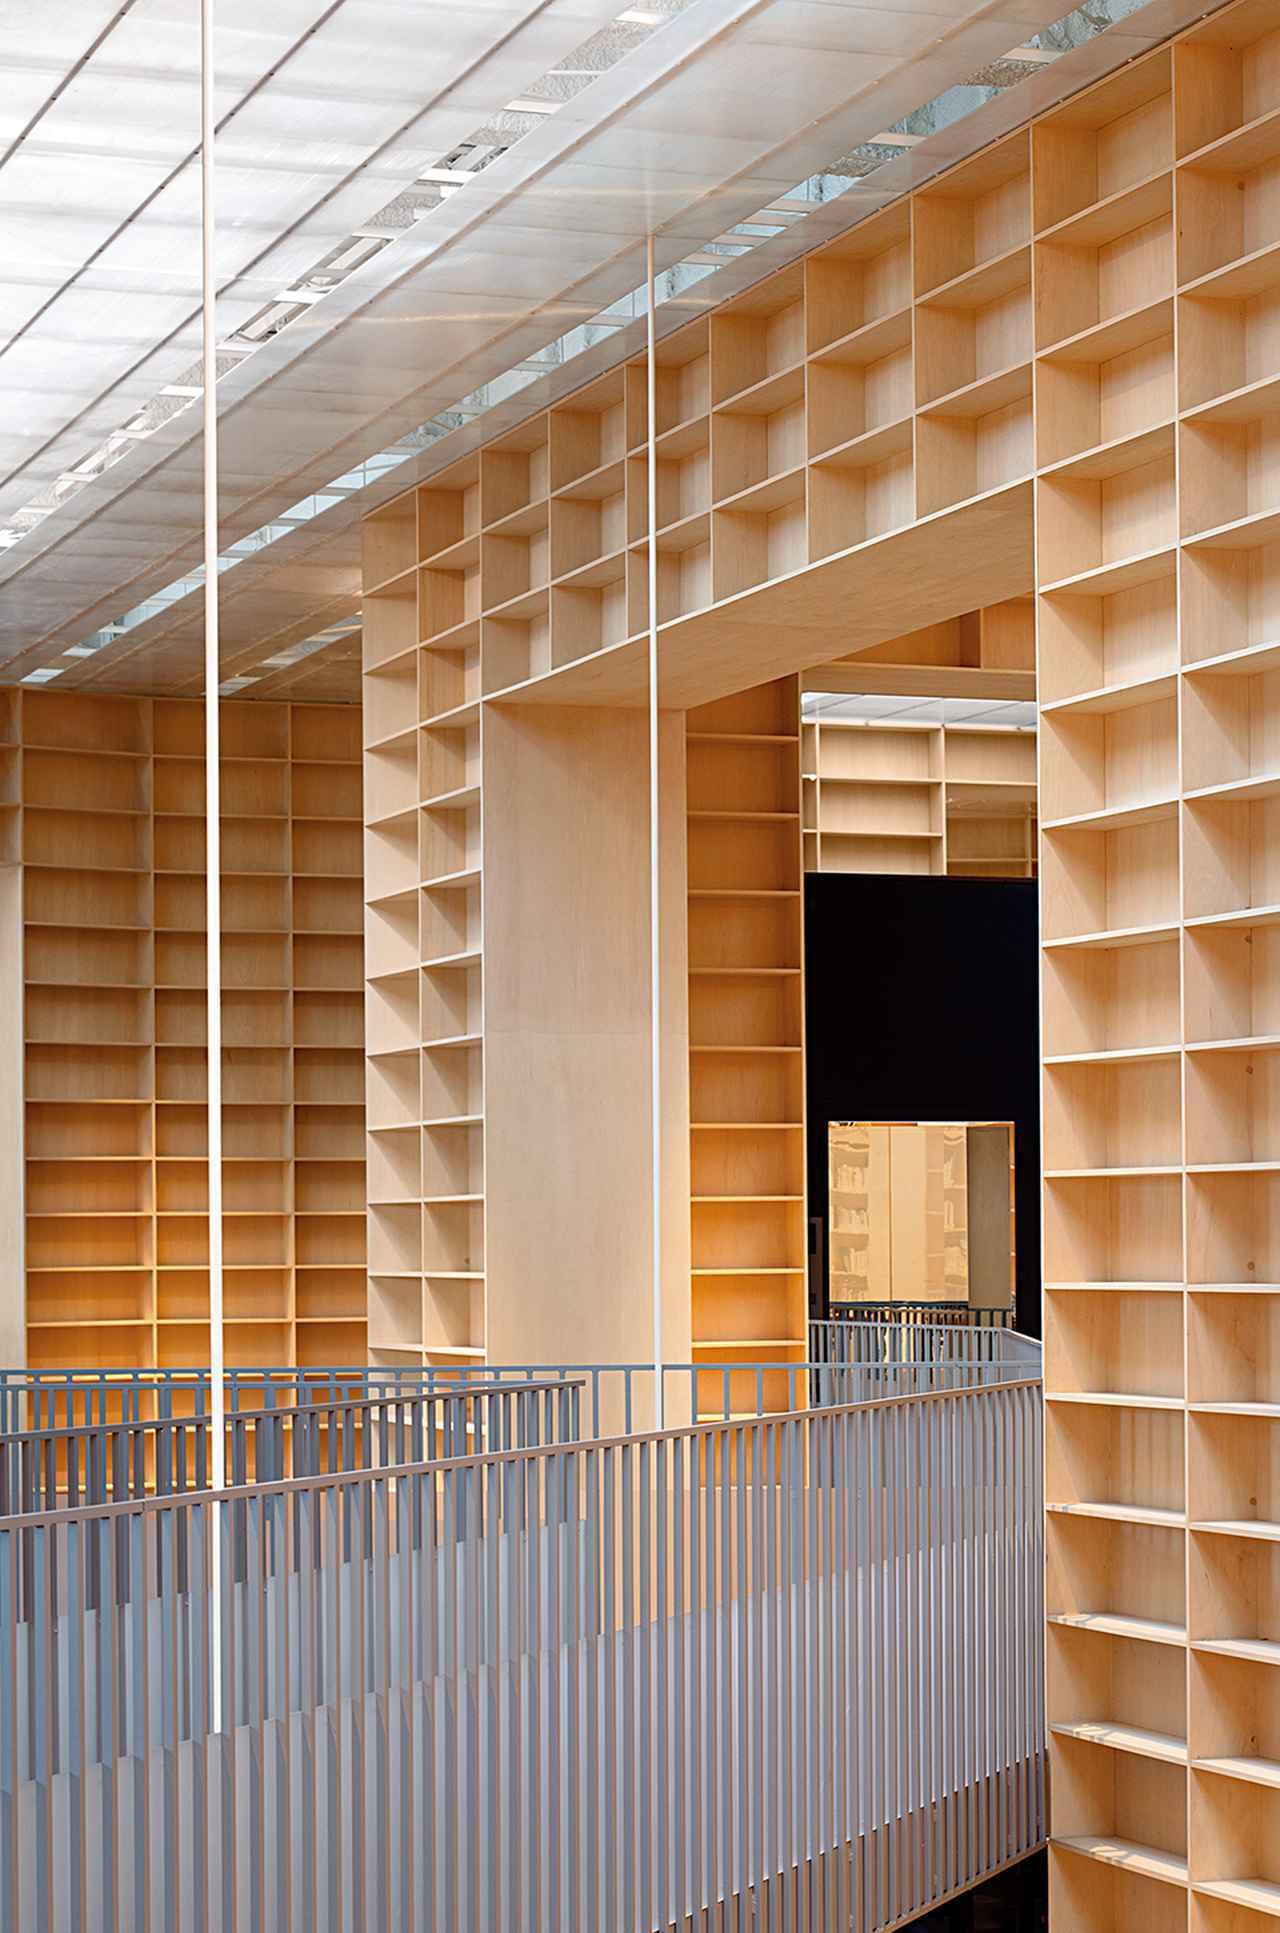 画像: 巨大な書架の壁に囲まれた、武蔵野美術大学の美術館・図書館(2010年竣工)